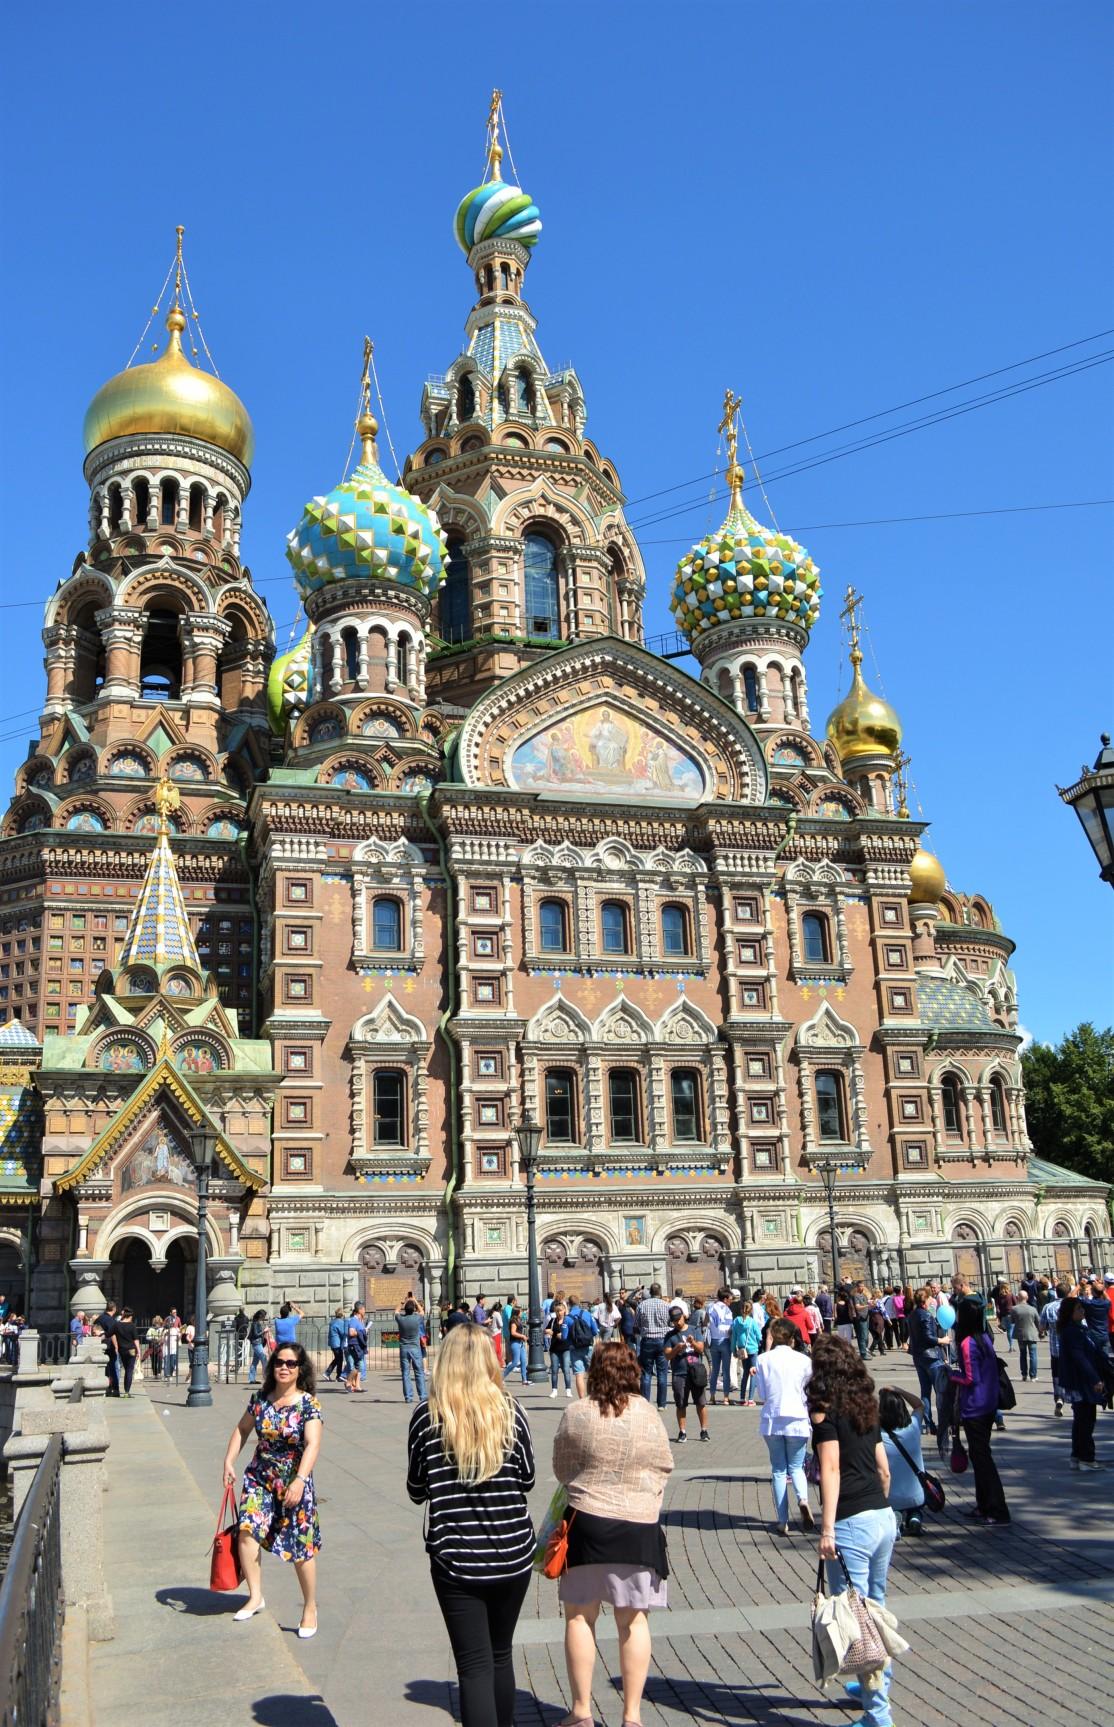 CoverMore_Lisa_Owen_Russia_StPetersburg_ChurchSpilledBlood.JPG